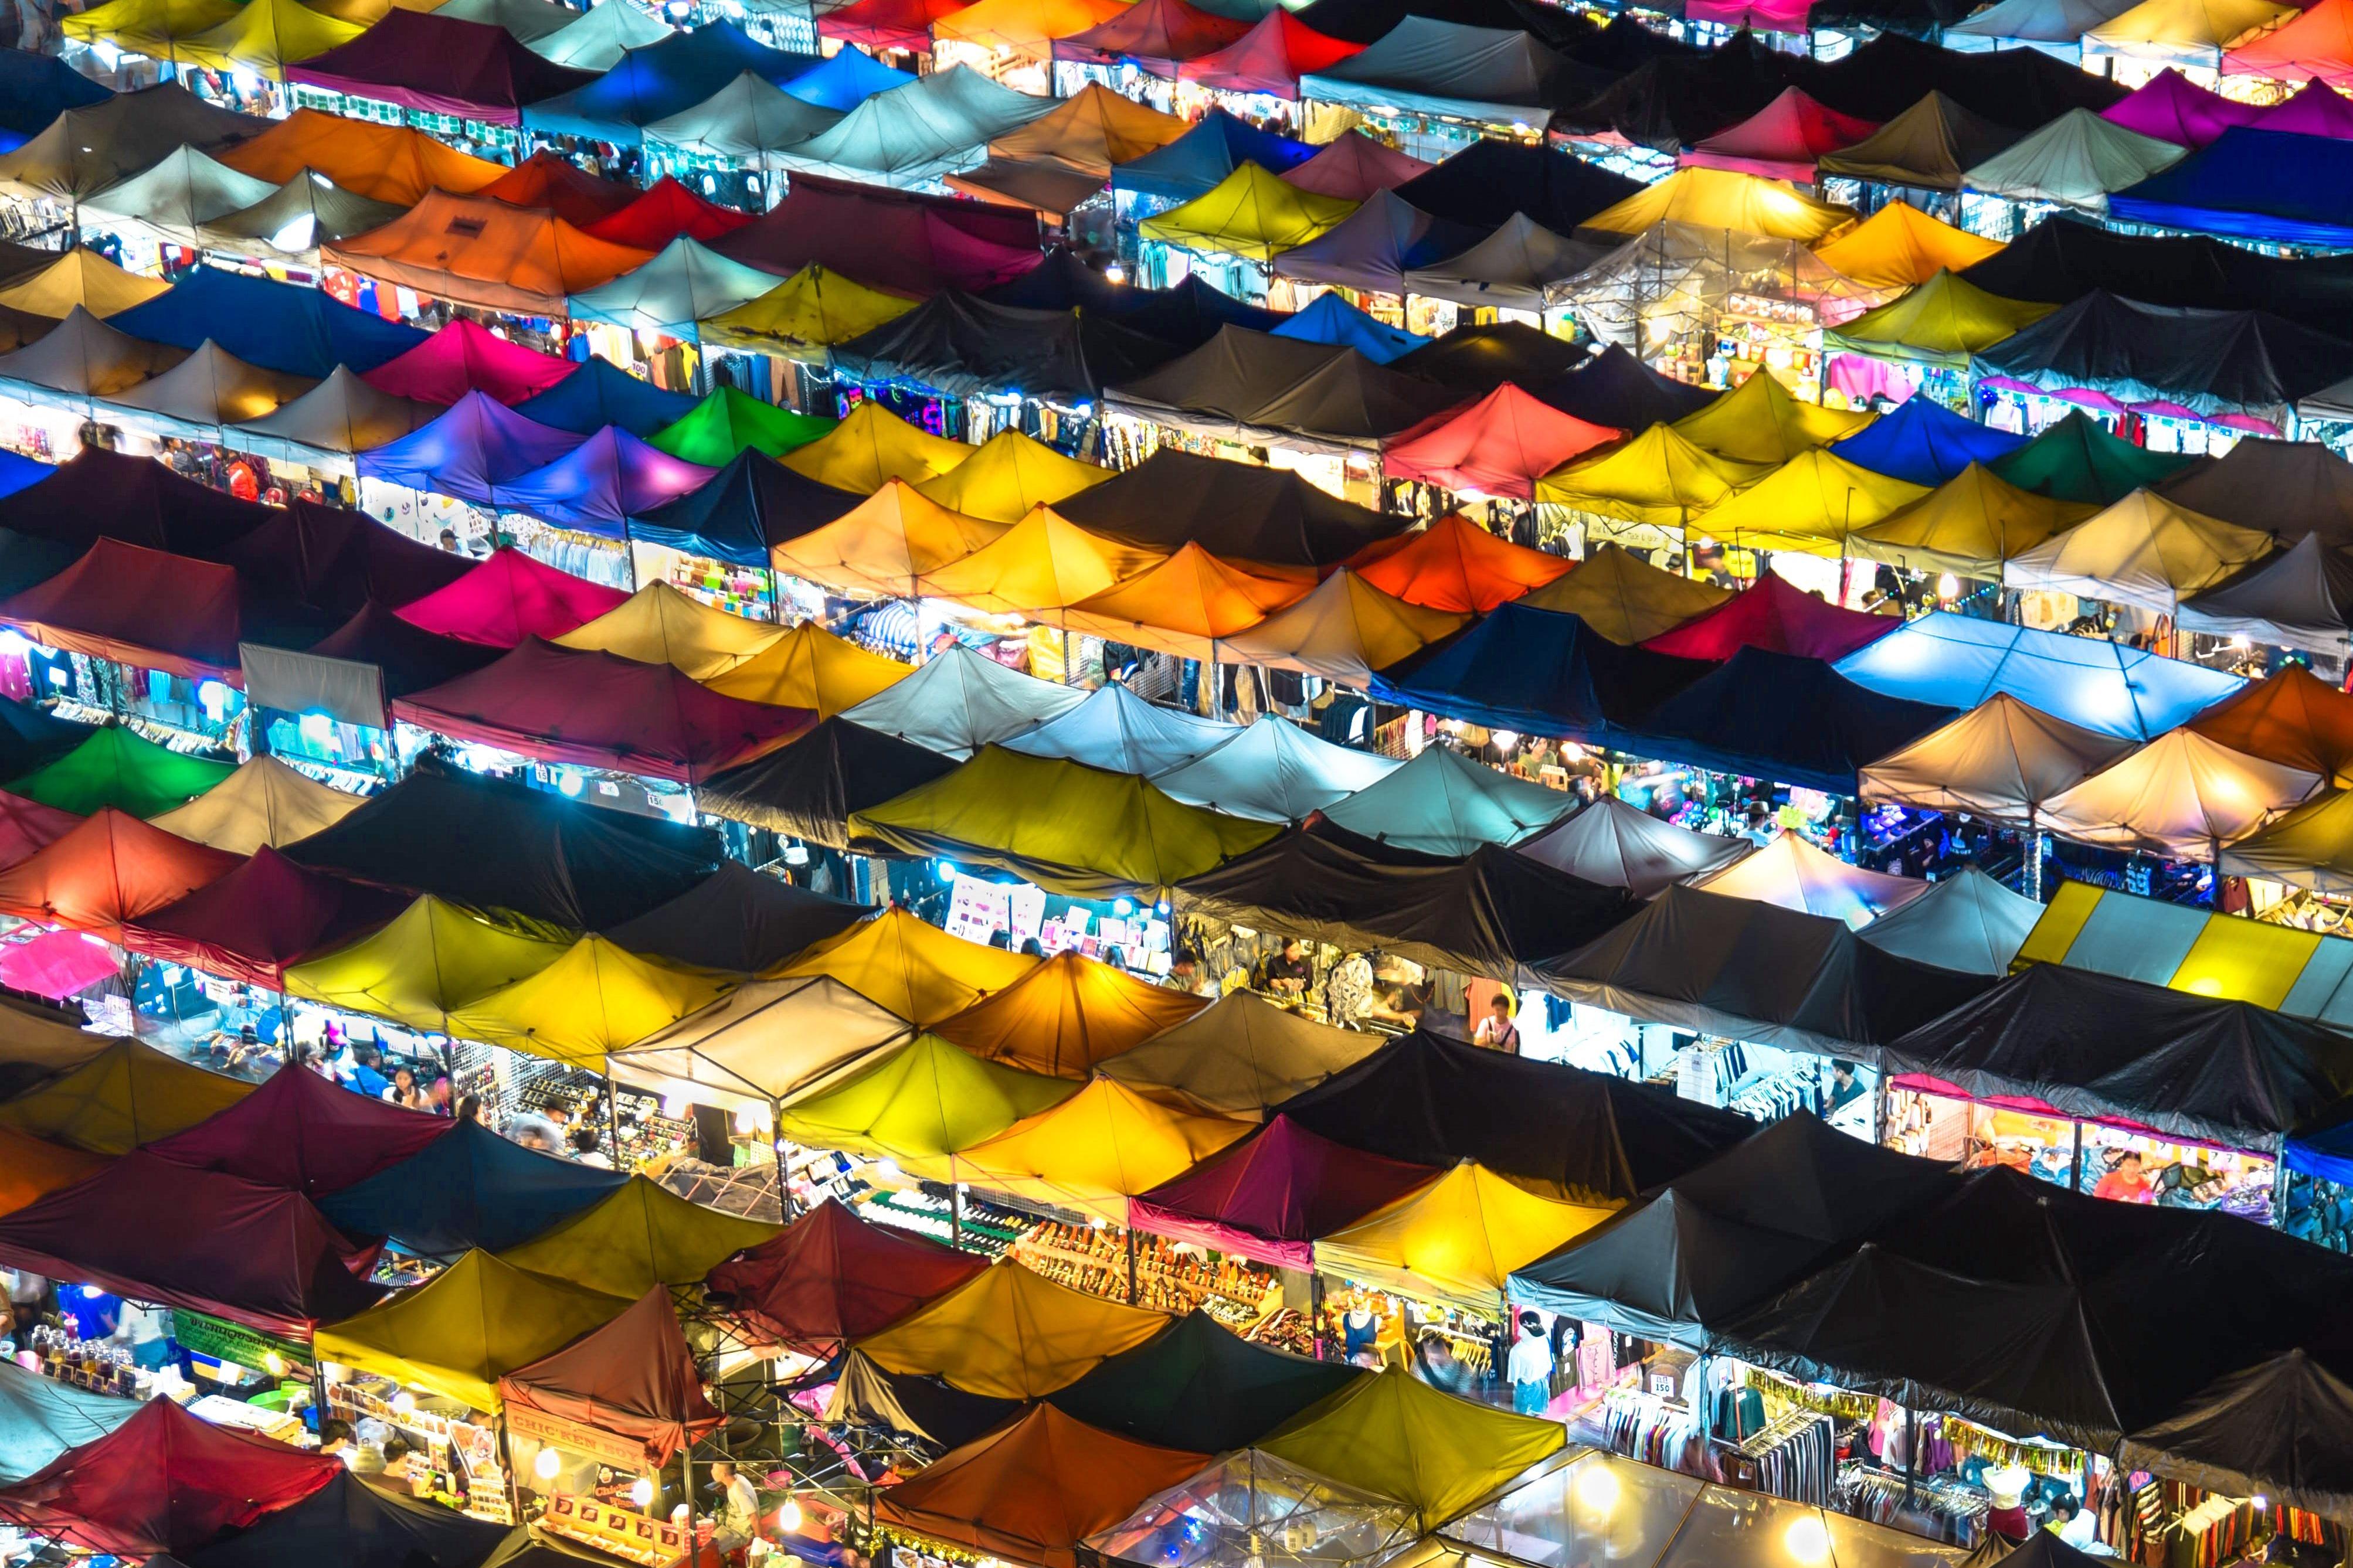 Tented outdoor street market